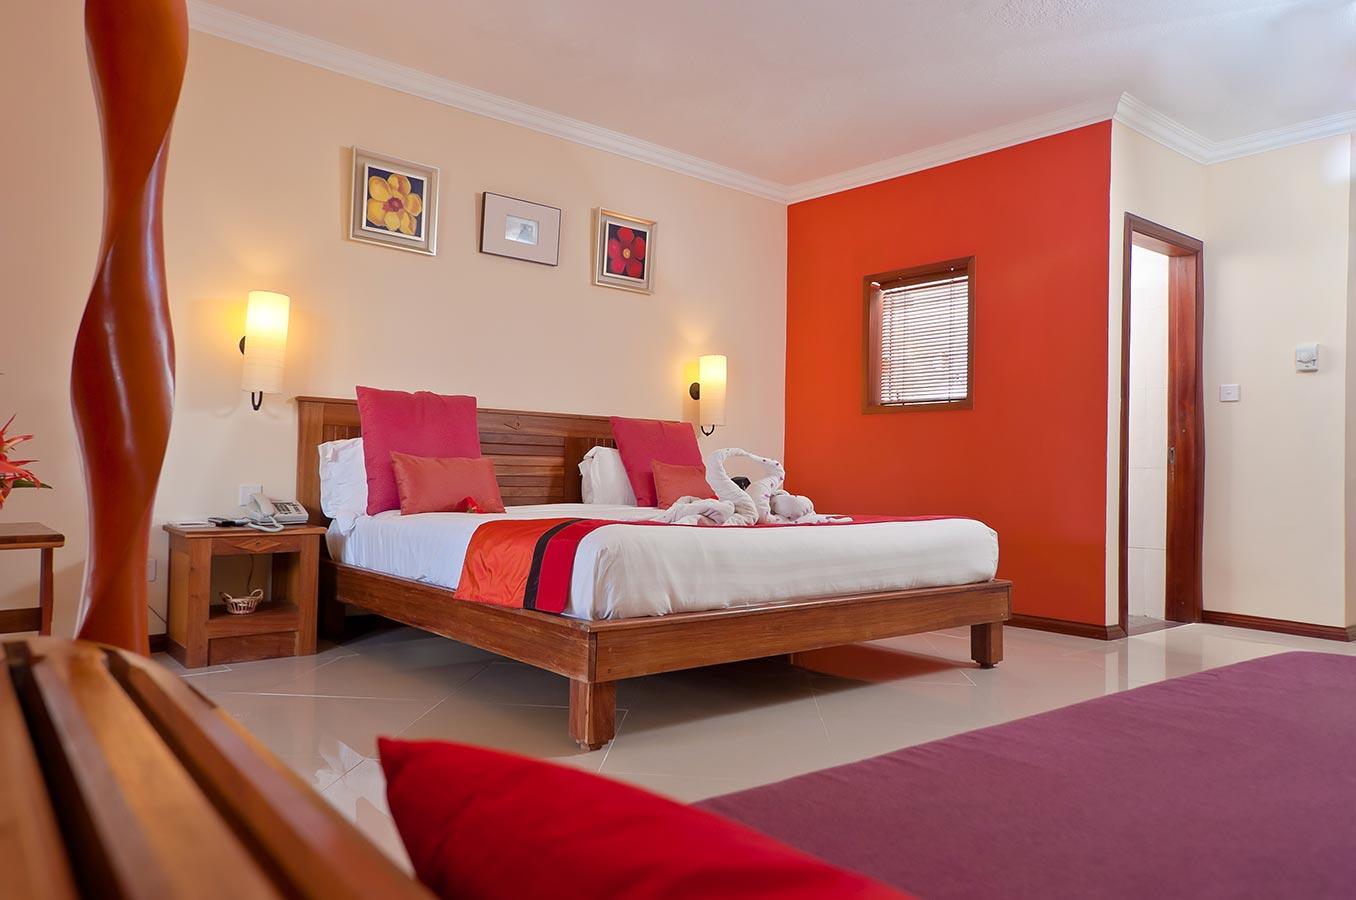 palmier-tour-agence-de-voyages-hotel-room-8